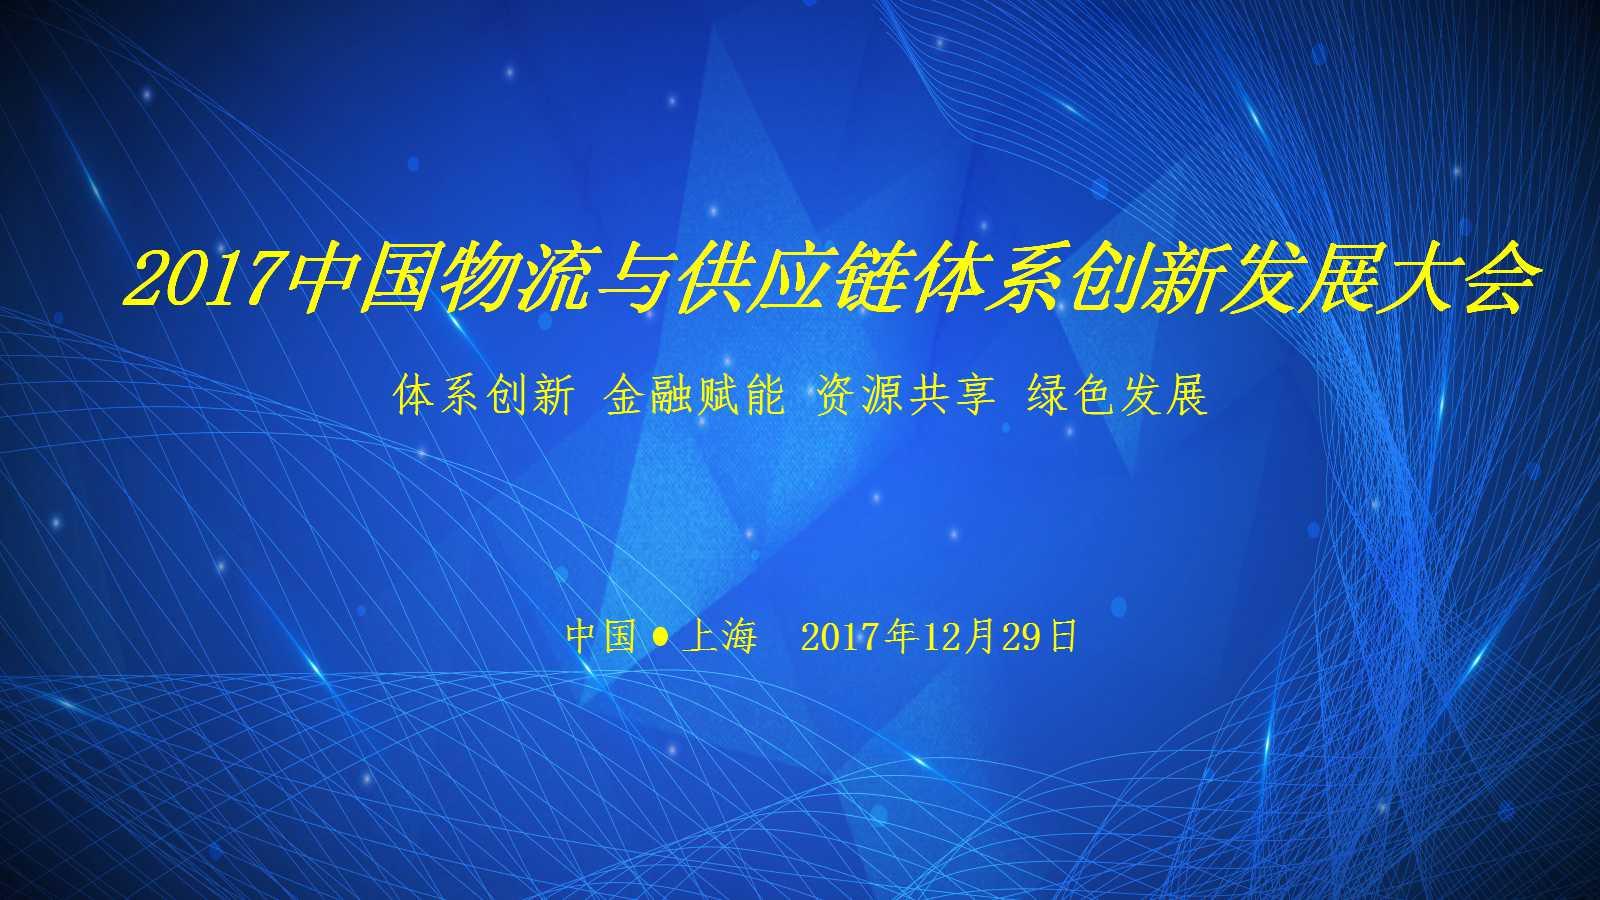 2017中国物流与供应链体系创新发展大会